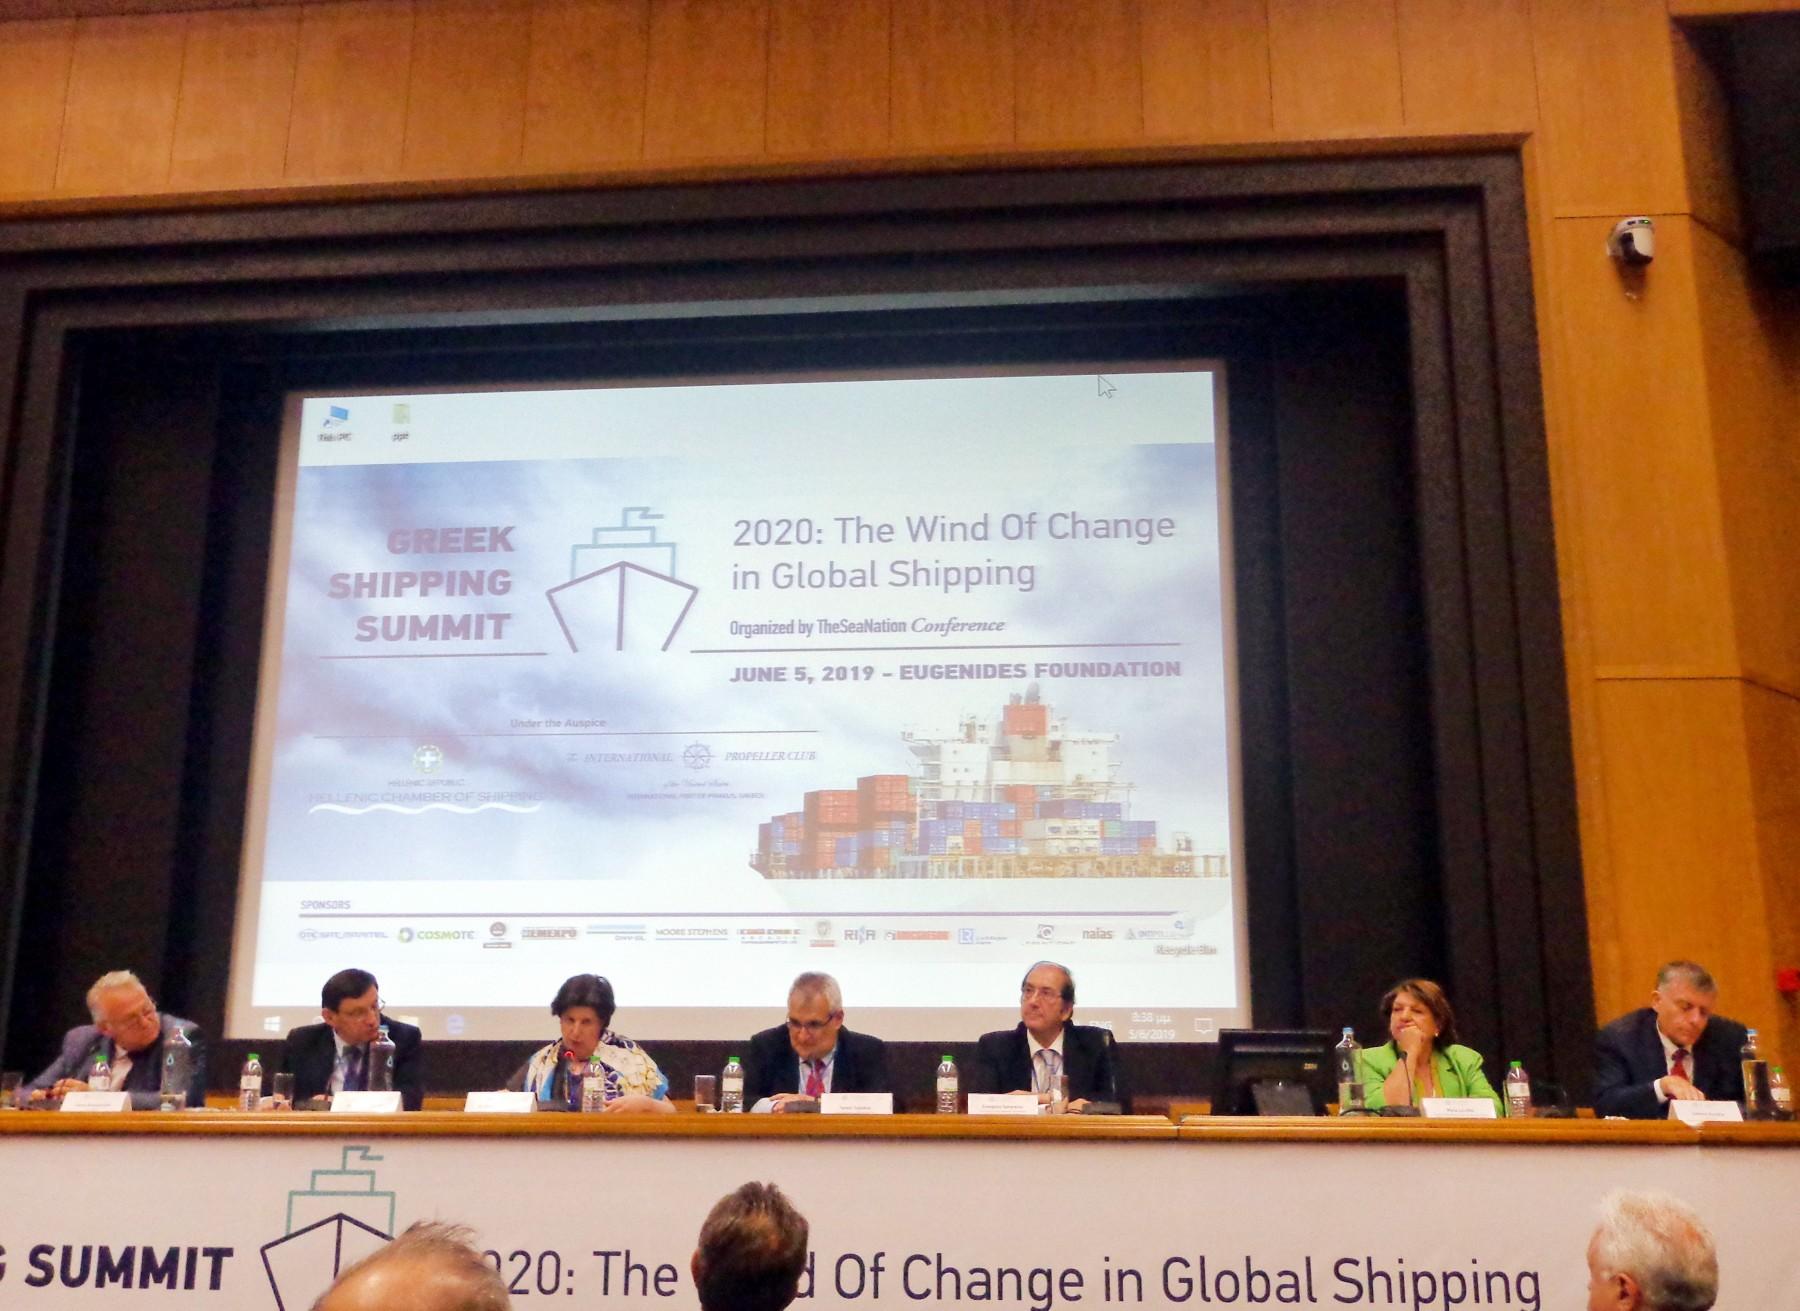 Οι συμμετέχοντες στο 4ο πάνελ του Greek Shipping Summit.